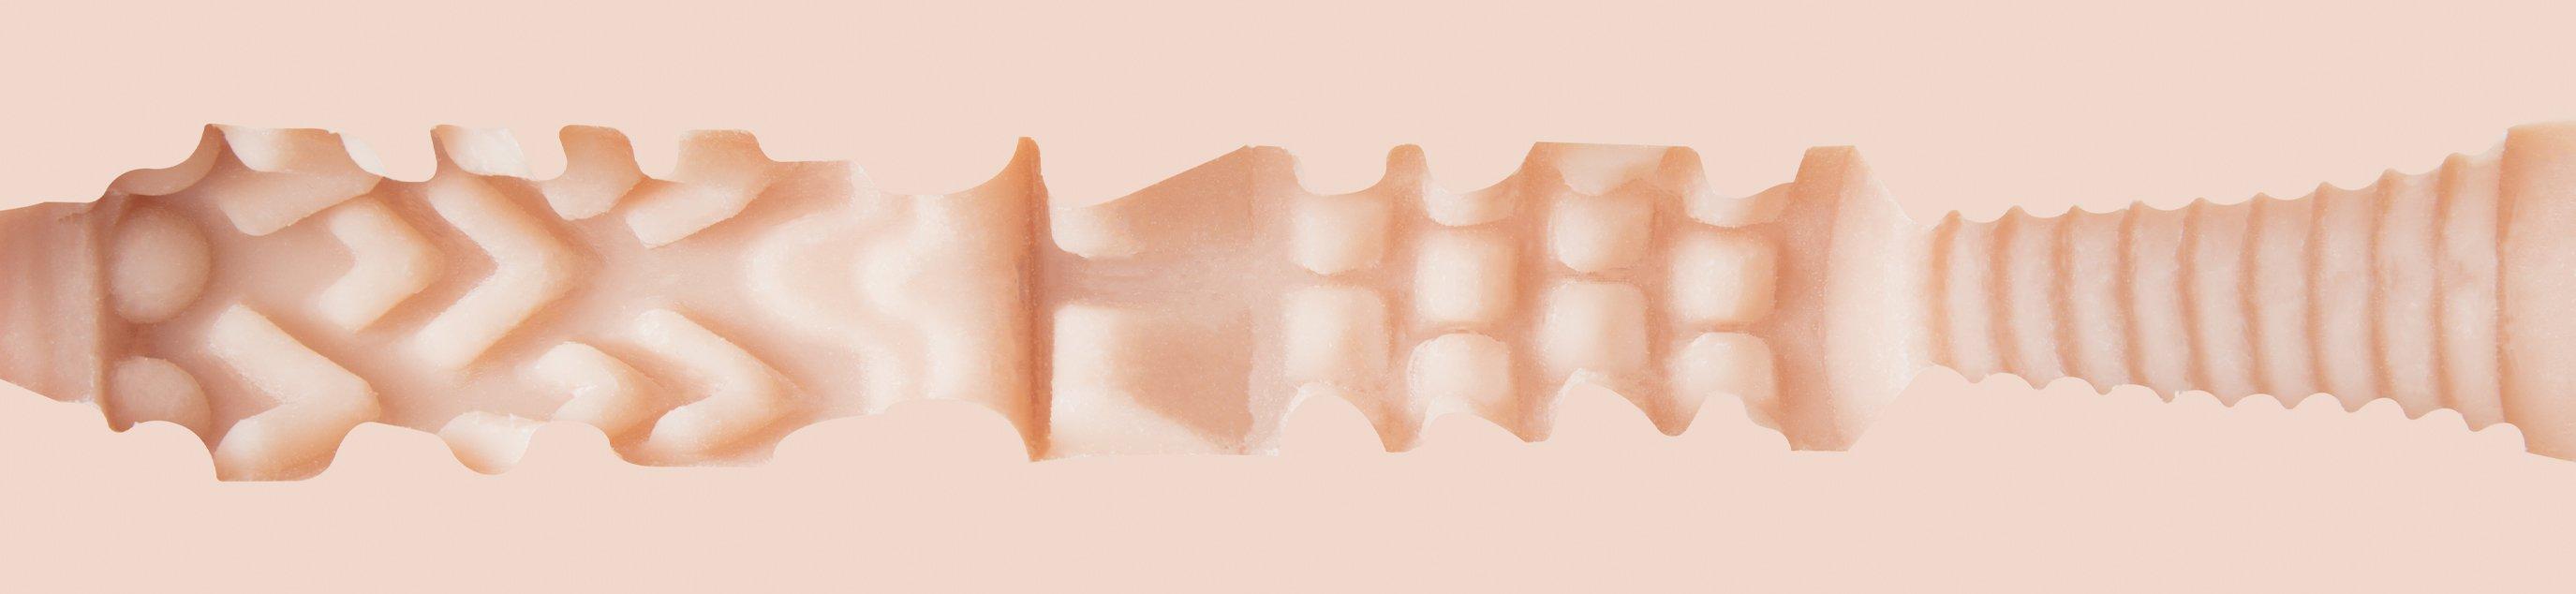 Lit Texture Image